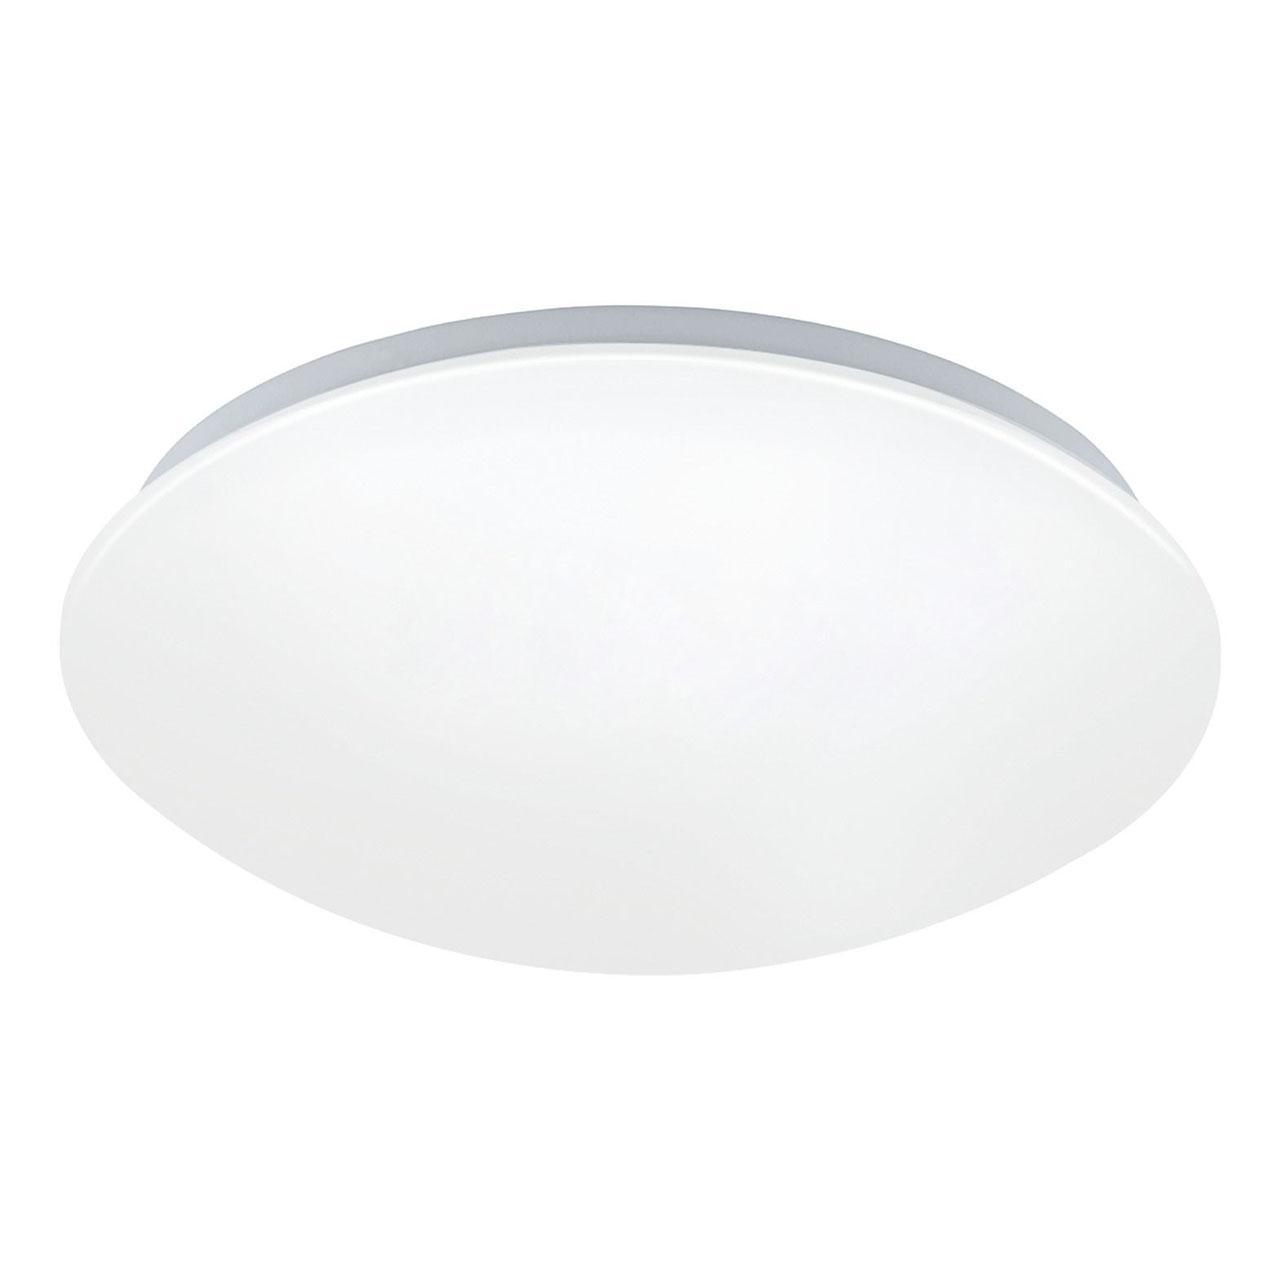 Потолочный светодиодный светильник Eglo Giron-M 97102 потолочный светодиодный светильник eglo giron m 97101